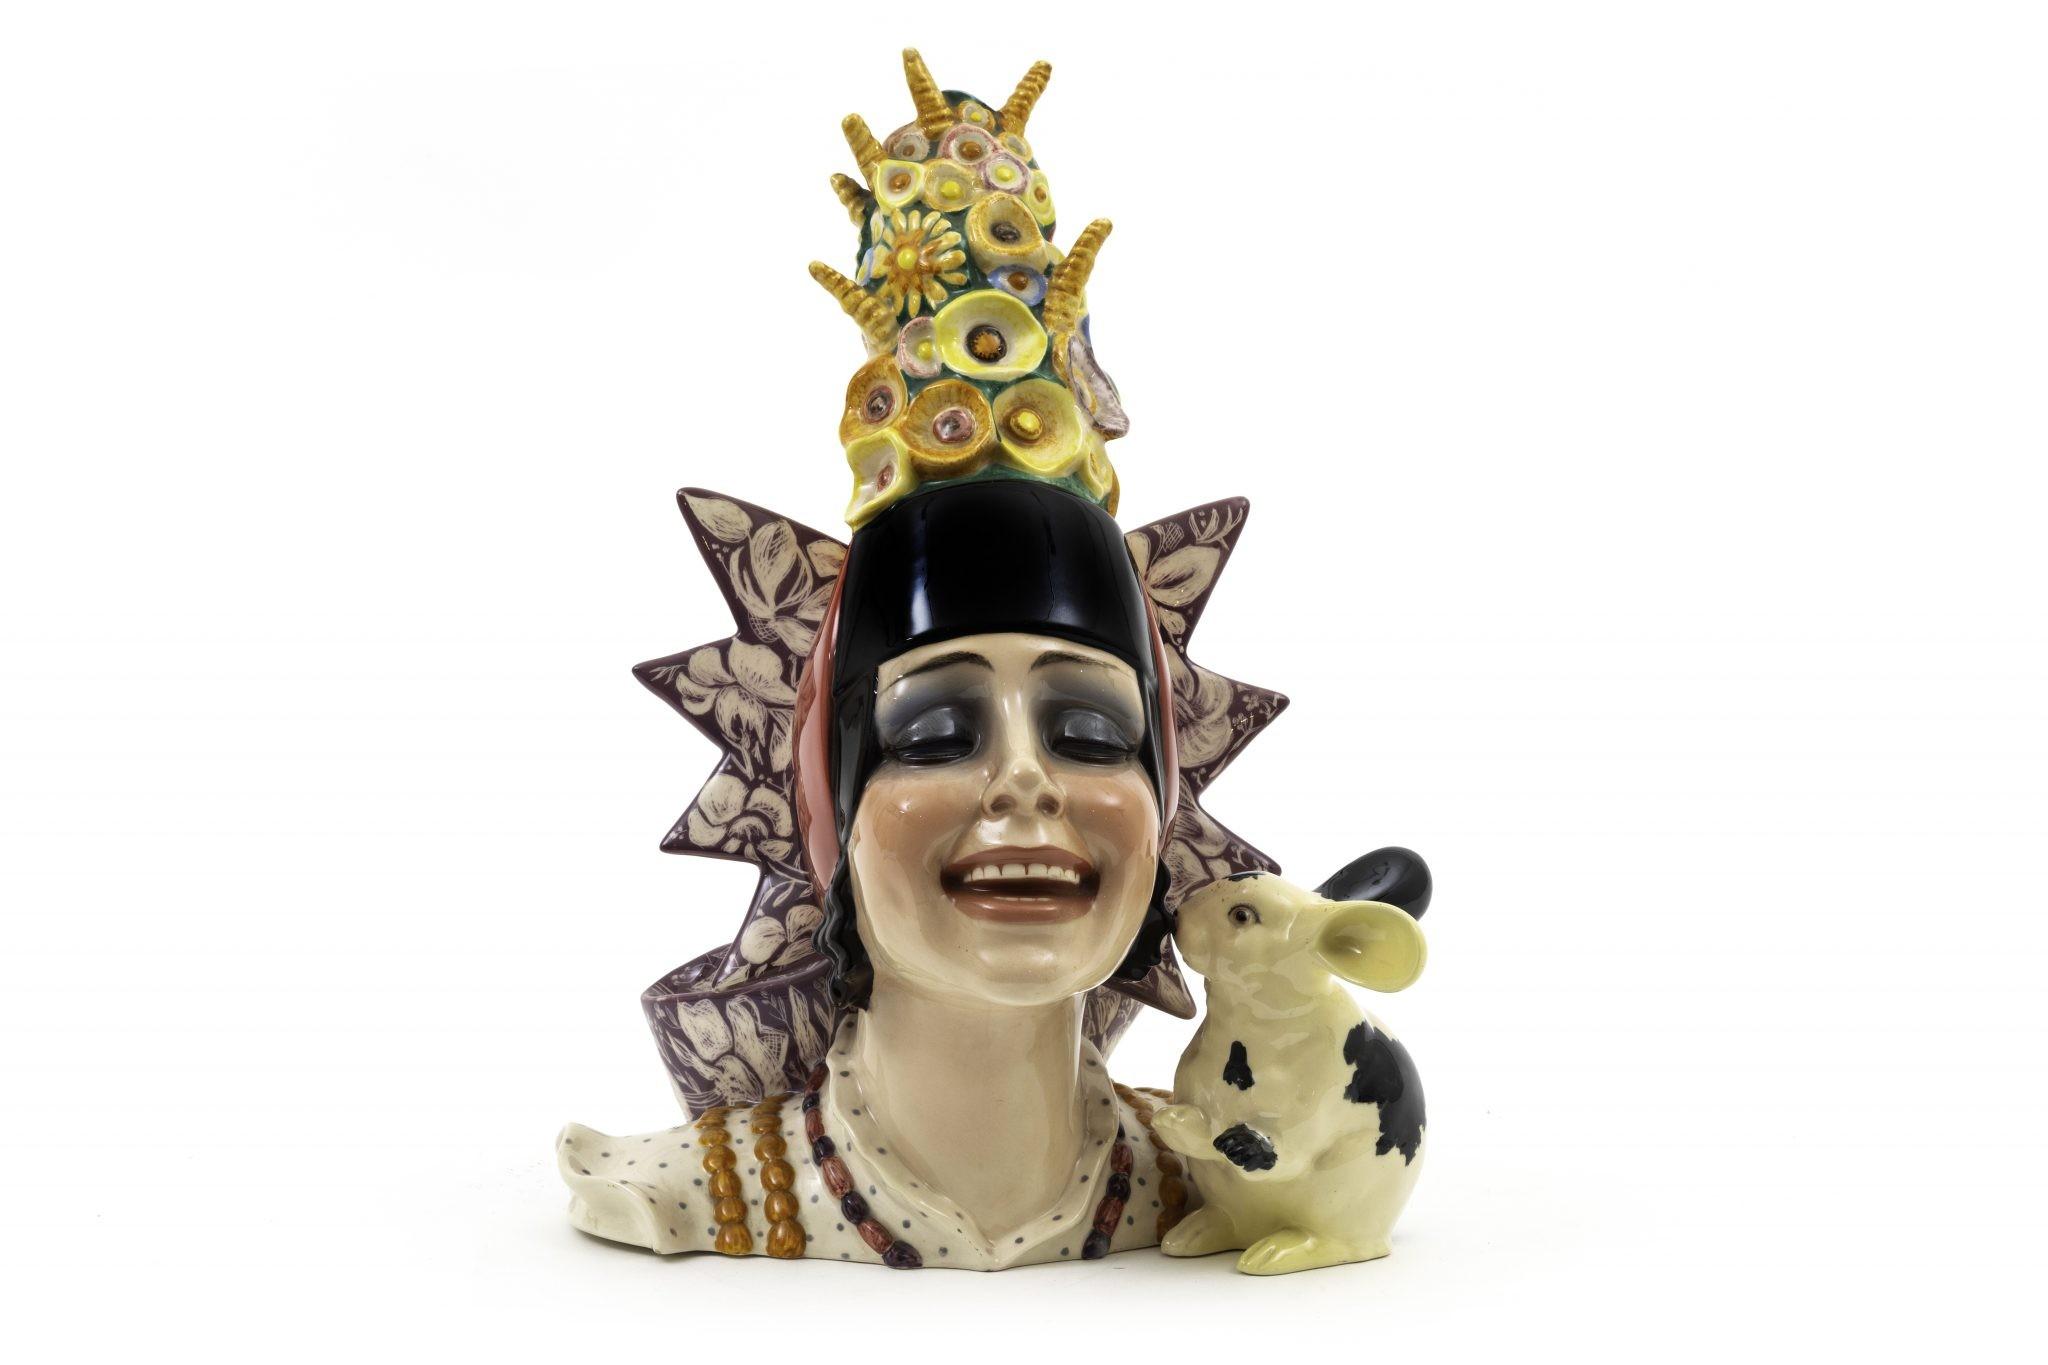 Lotto 2 (189315) ESSEVI, 1935 ca Il coniglietto Testa di donna con copricapo di fiori e coniglietto, in terraglia a colaggio con decori in policromia. Marchio sulla base. Altezza cm 40, cm 25x30 Stima 1.000-1.200